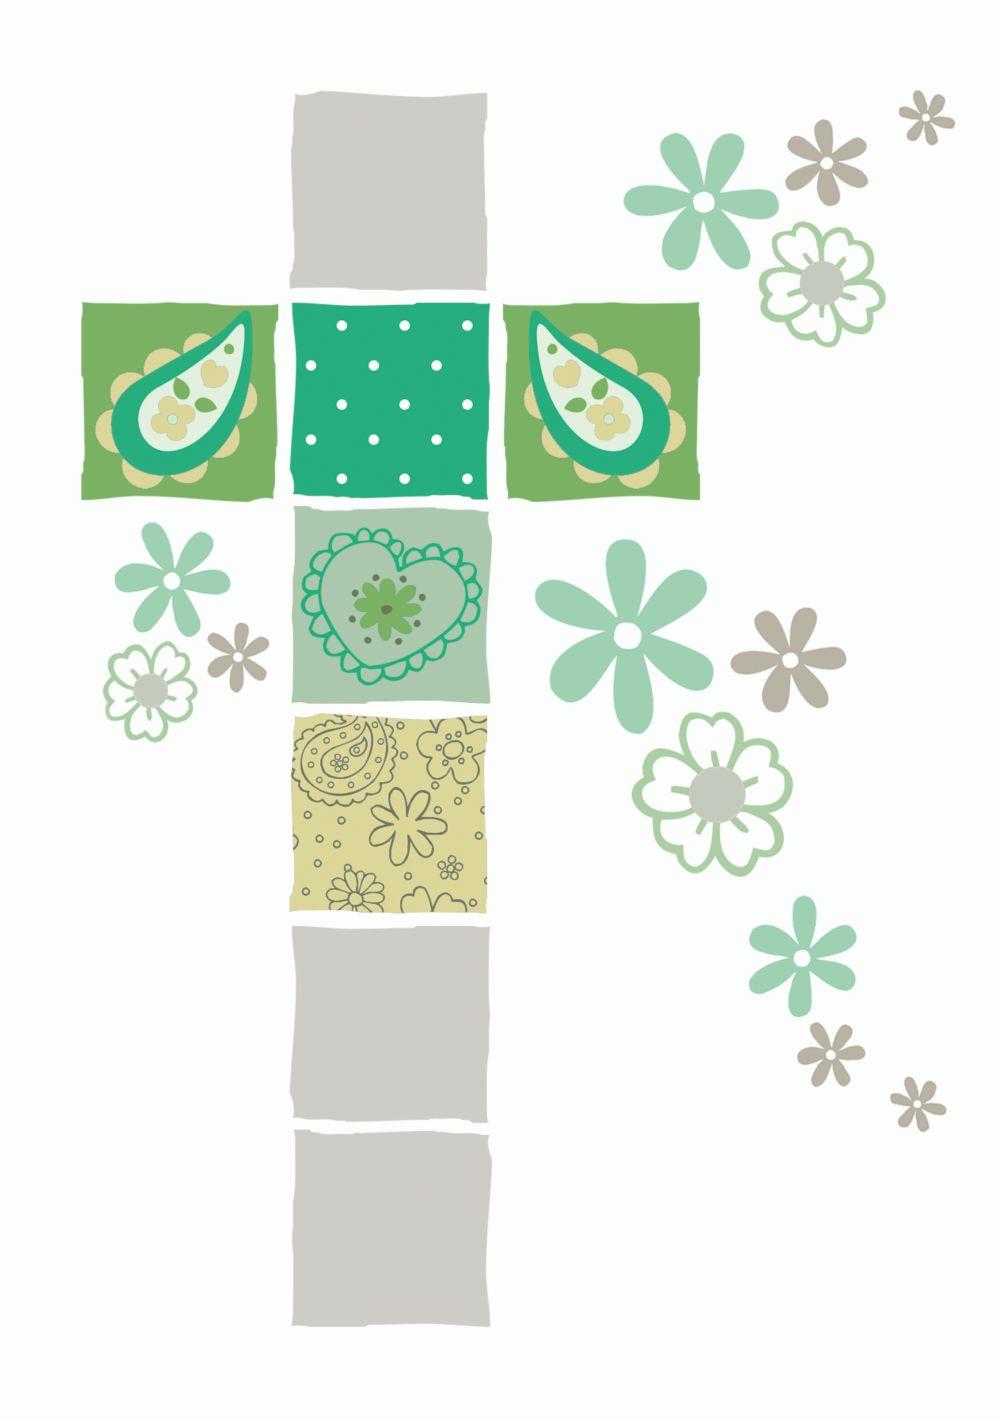 Ansicht 4 - Einladung Florales Kreuz